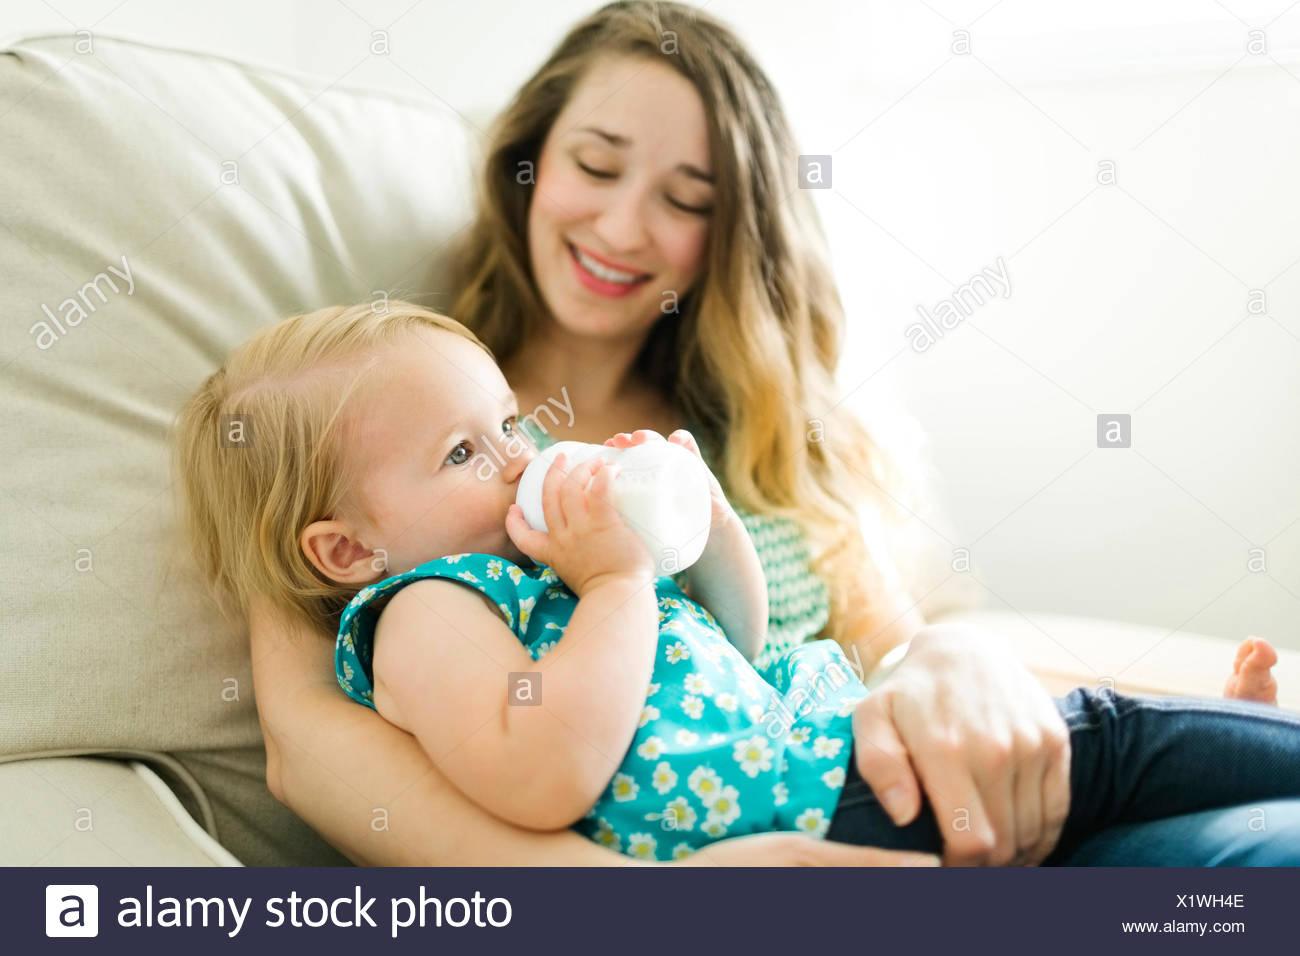 Mère nourrir bébé fille (4-5) dans la salle de séjour Photo Stock